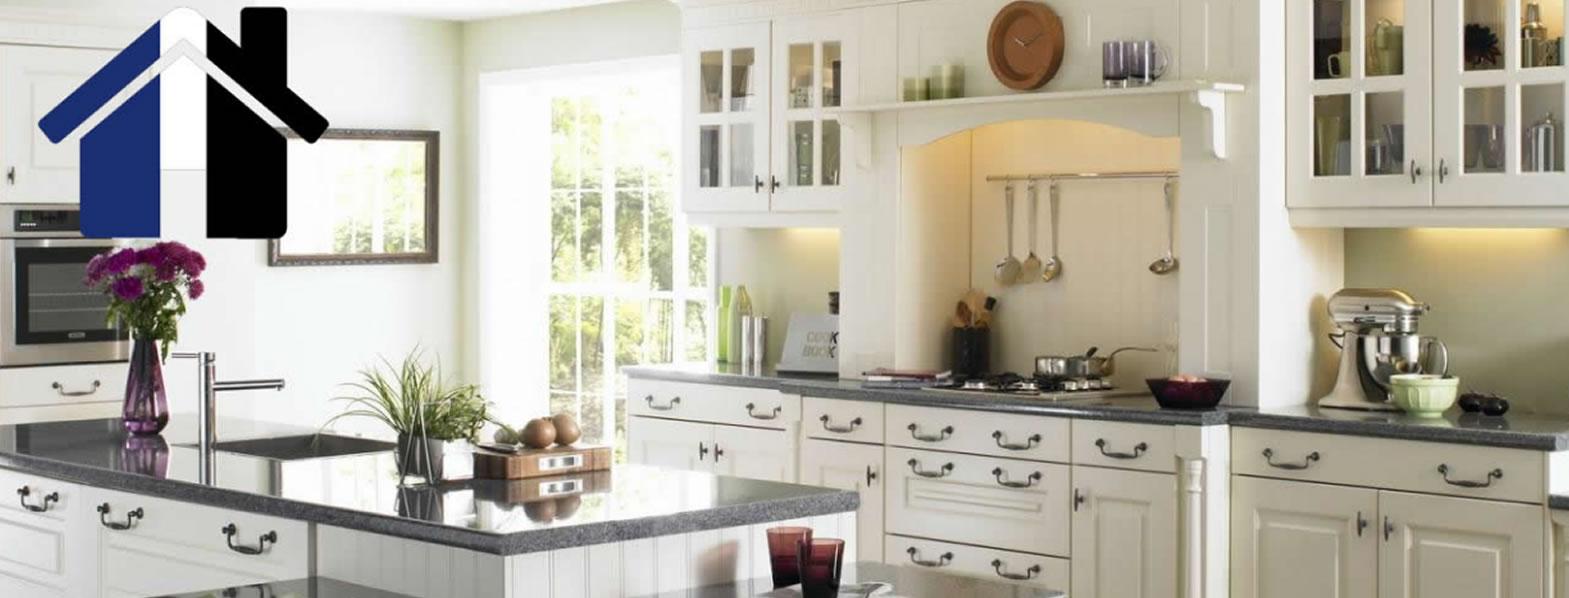 clean-kitchen-in-bath-city